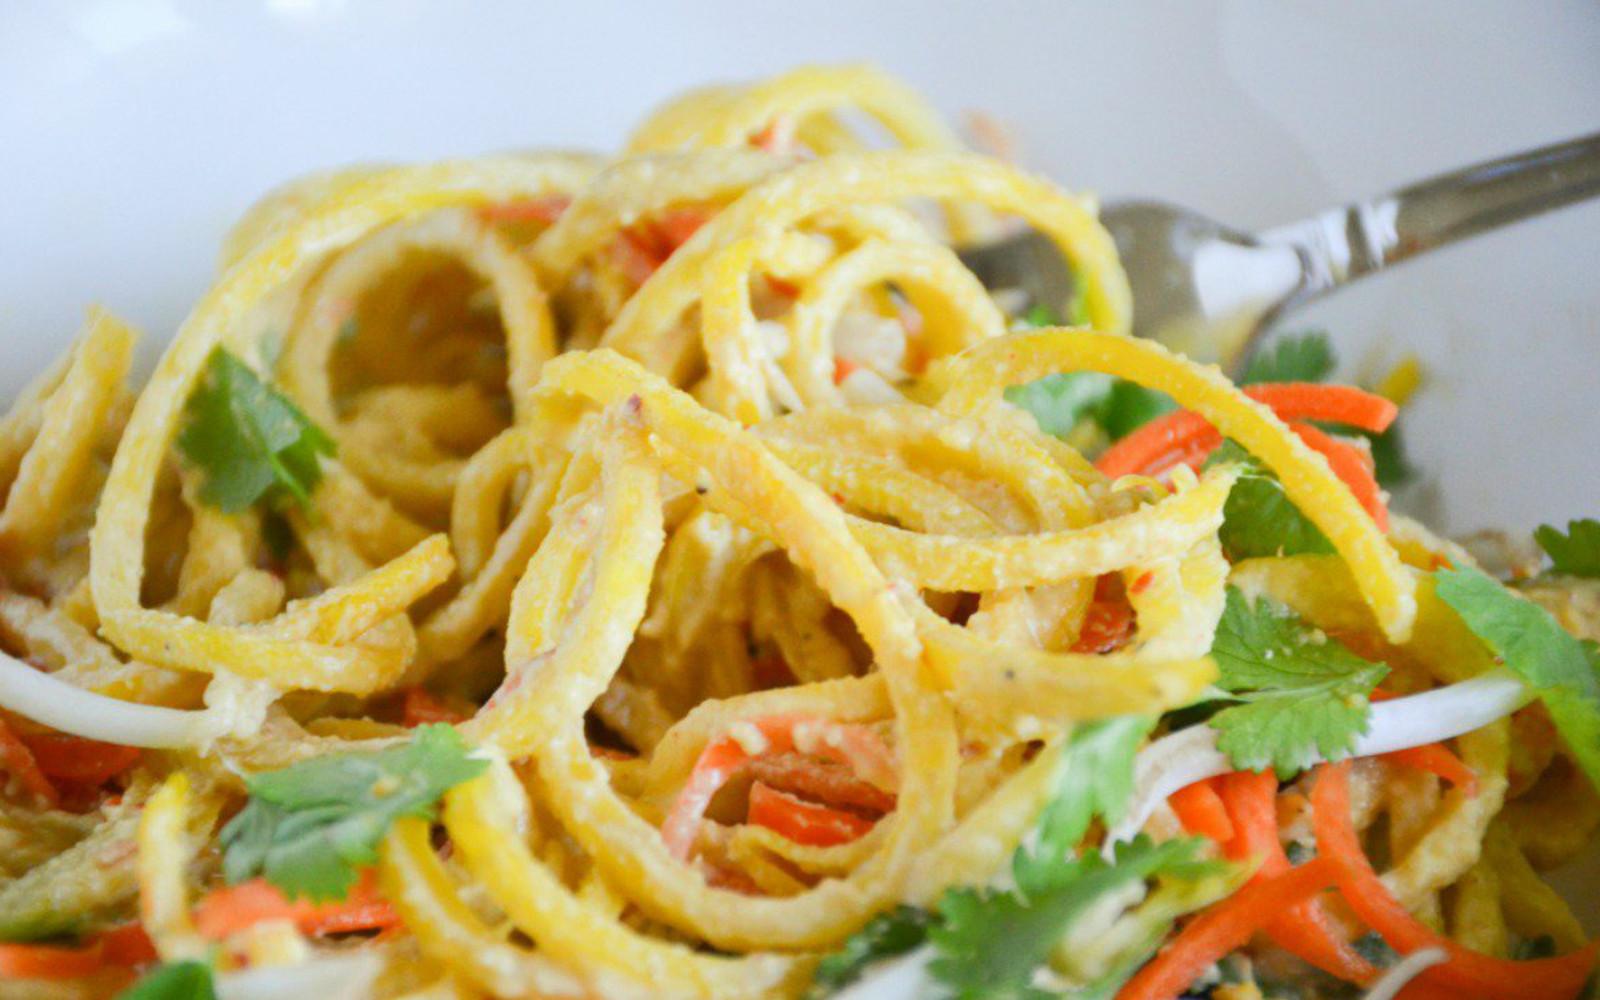 The Best No Noodle Pad Thai